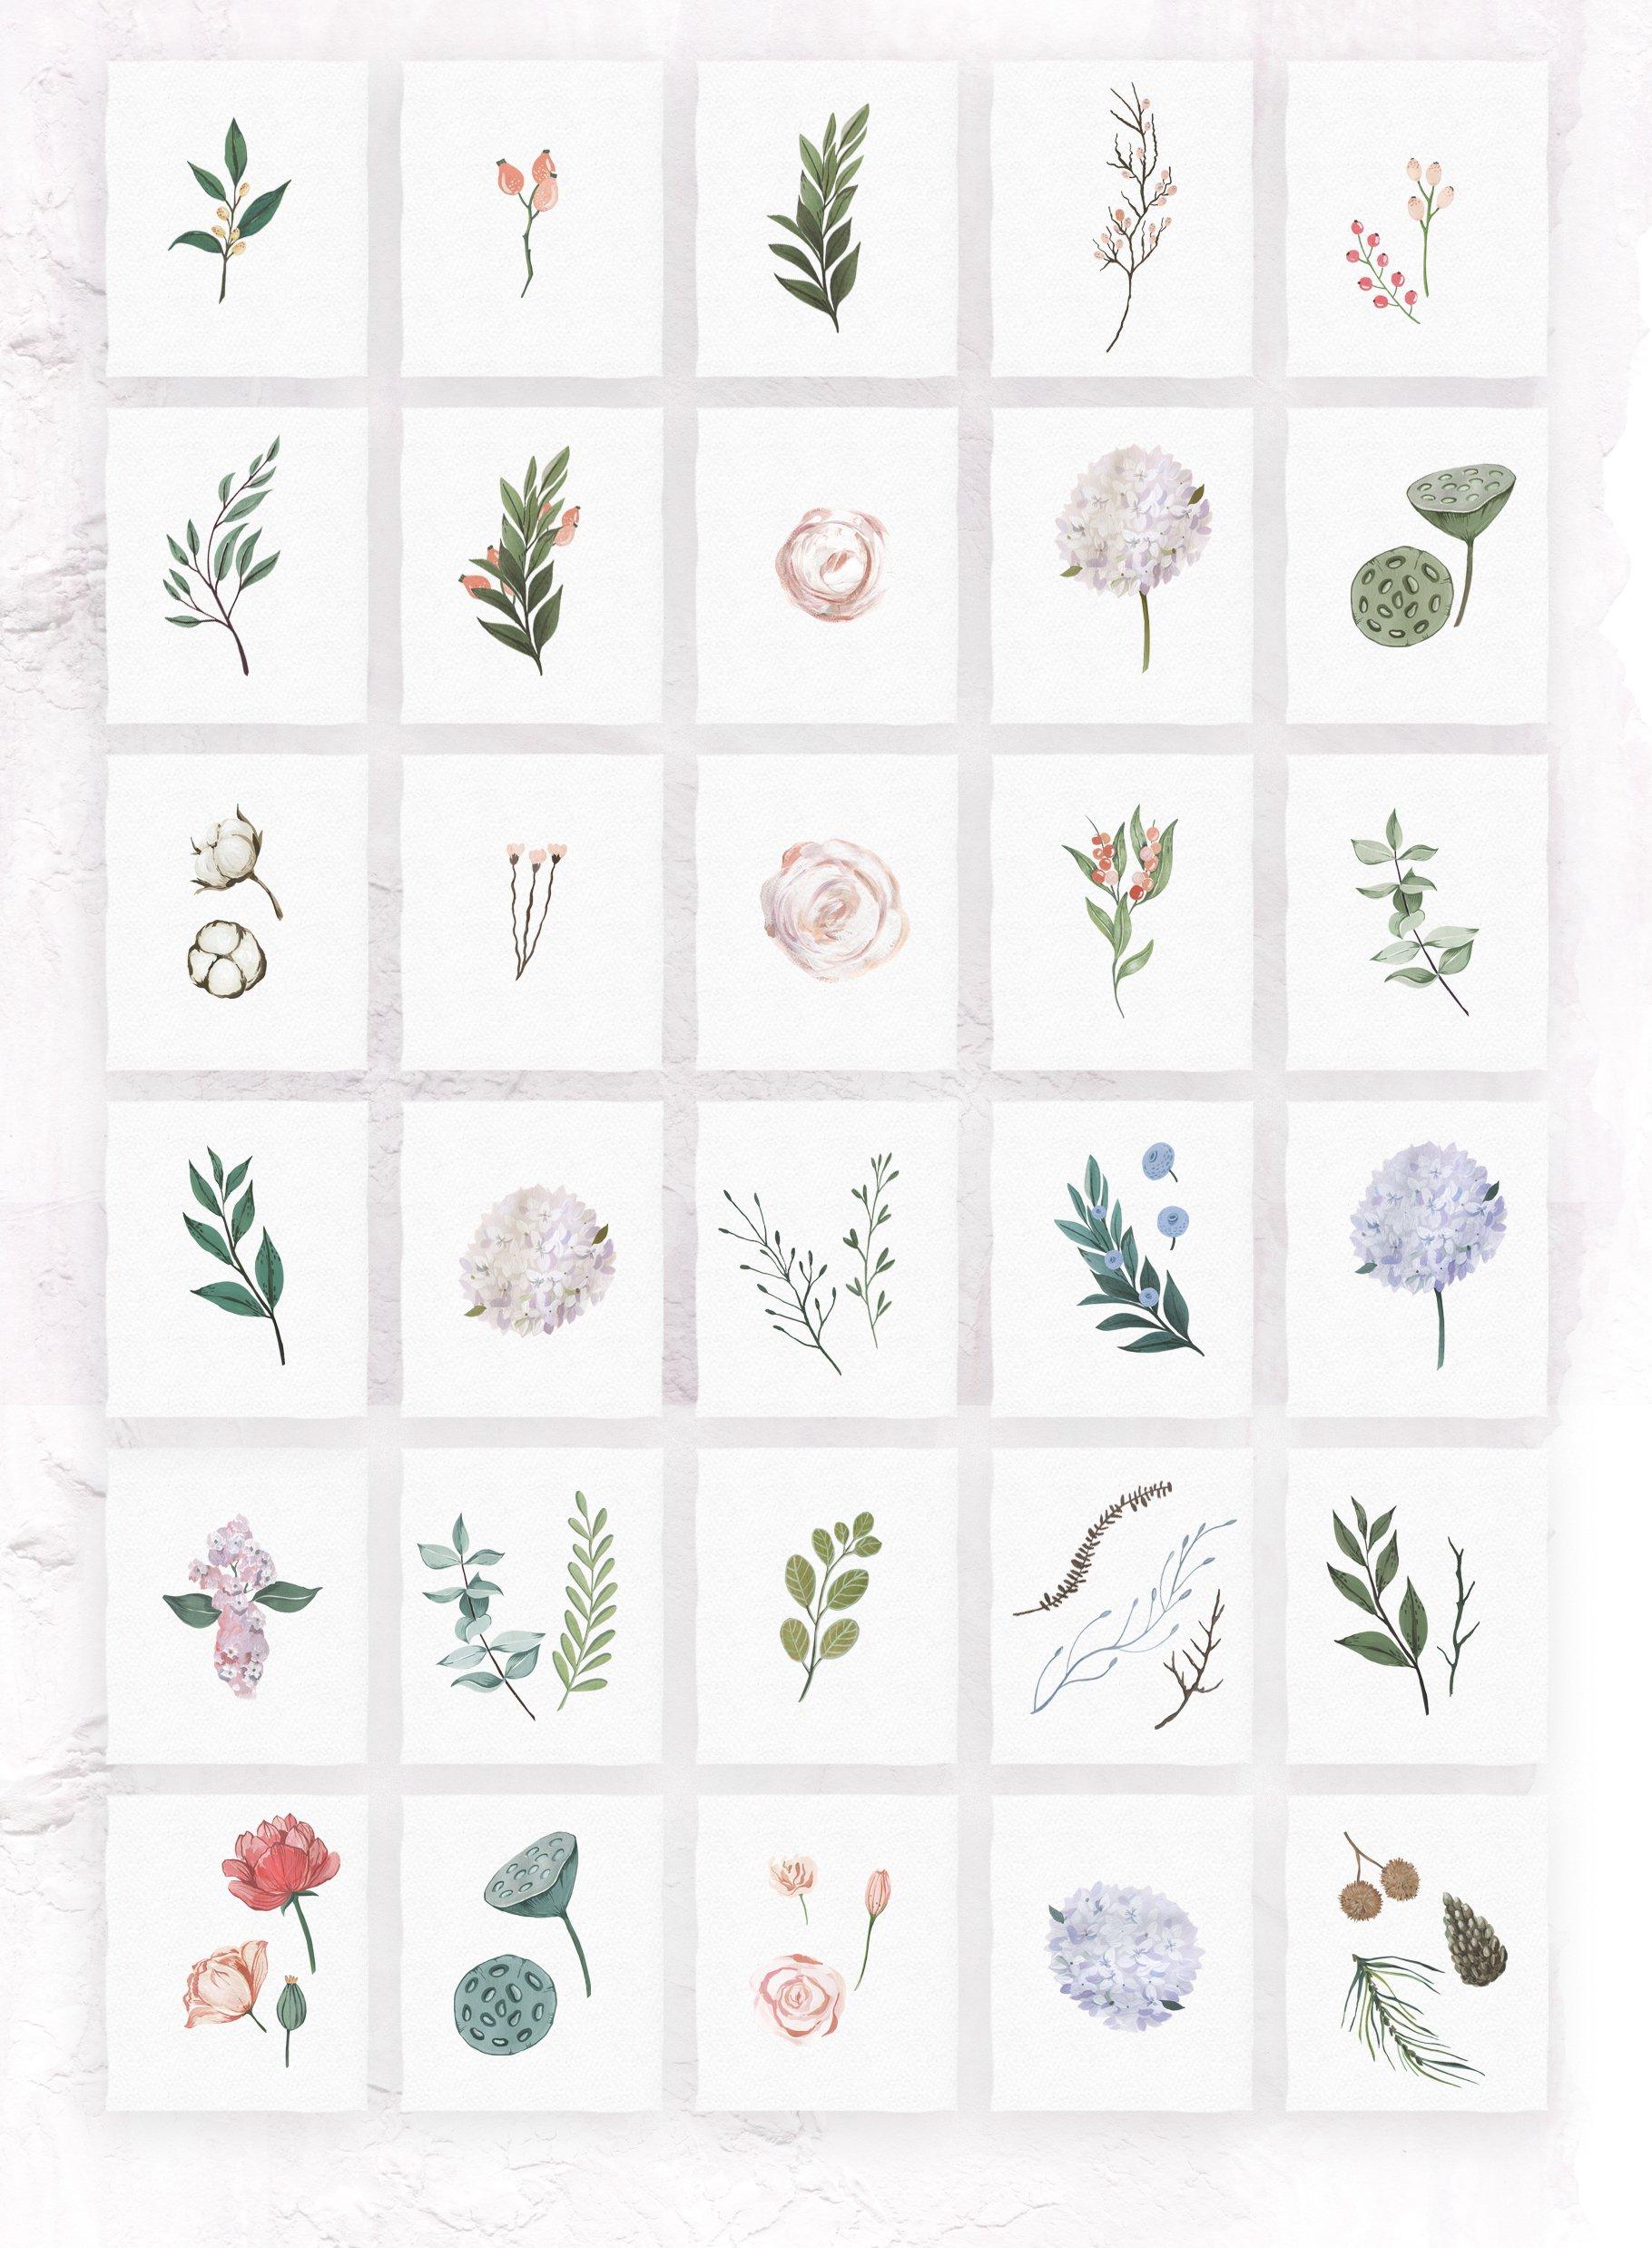 哑光油漆质感花卉树叶手绘水彩画PNG透明图片素材 Gouache Dusty Flowers插图6